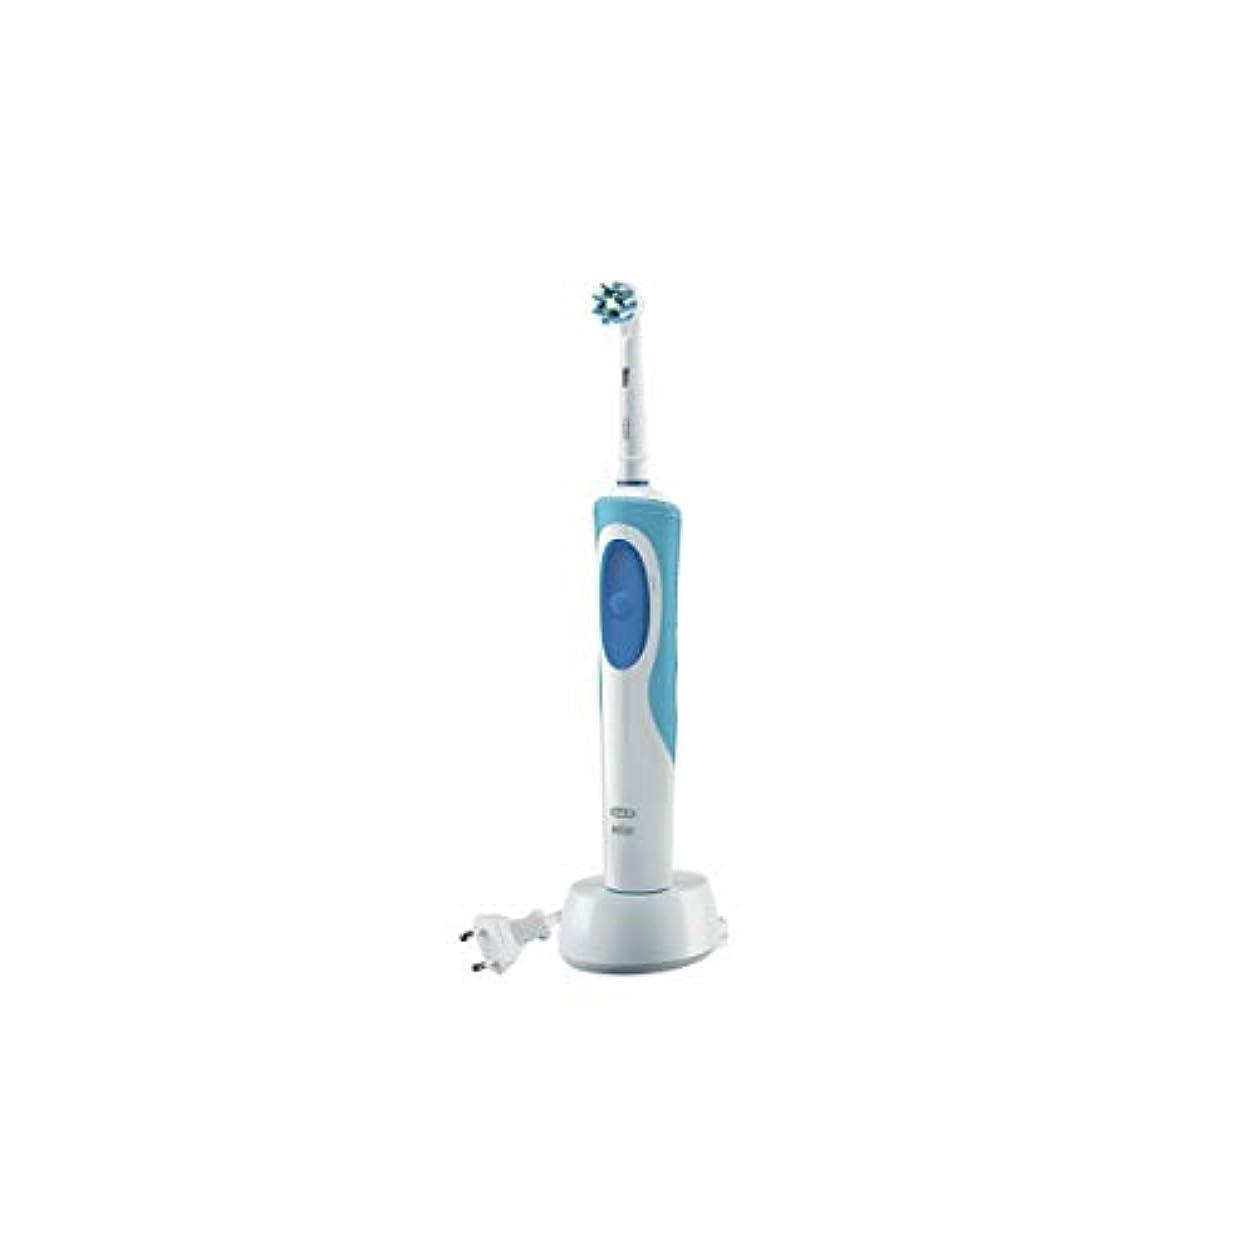 したがって頑固なルールOral B Vitality Cross Action Electric Toothbrush [並行輸入品]